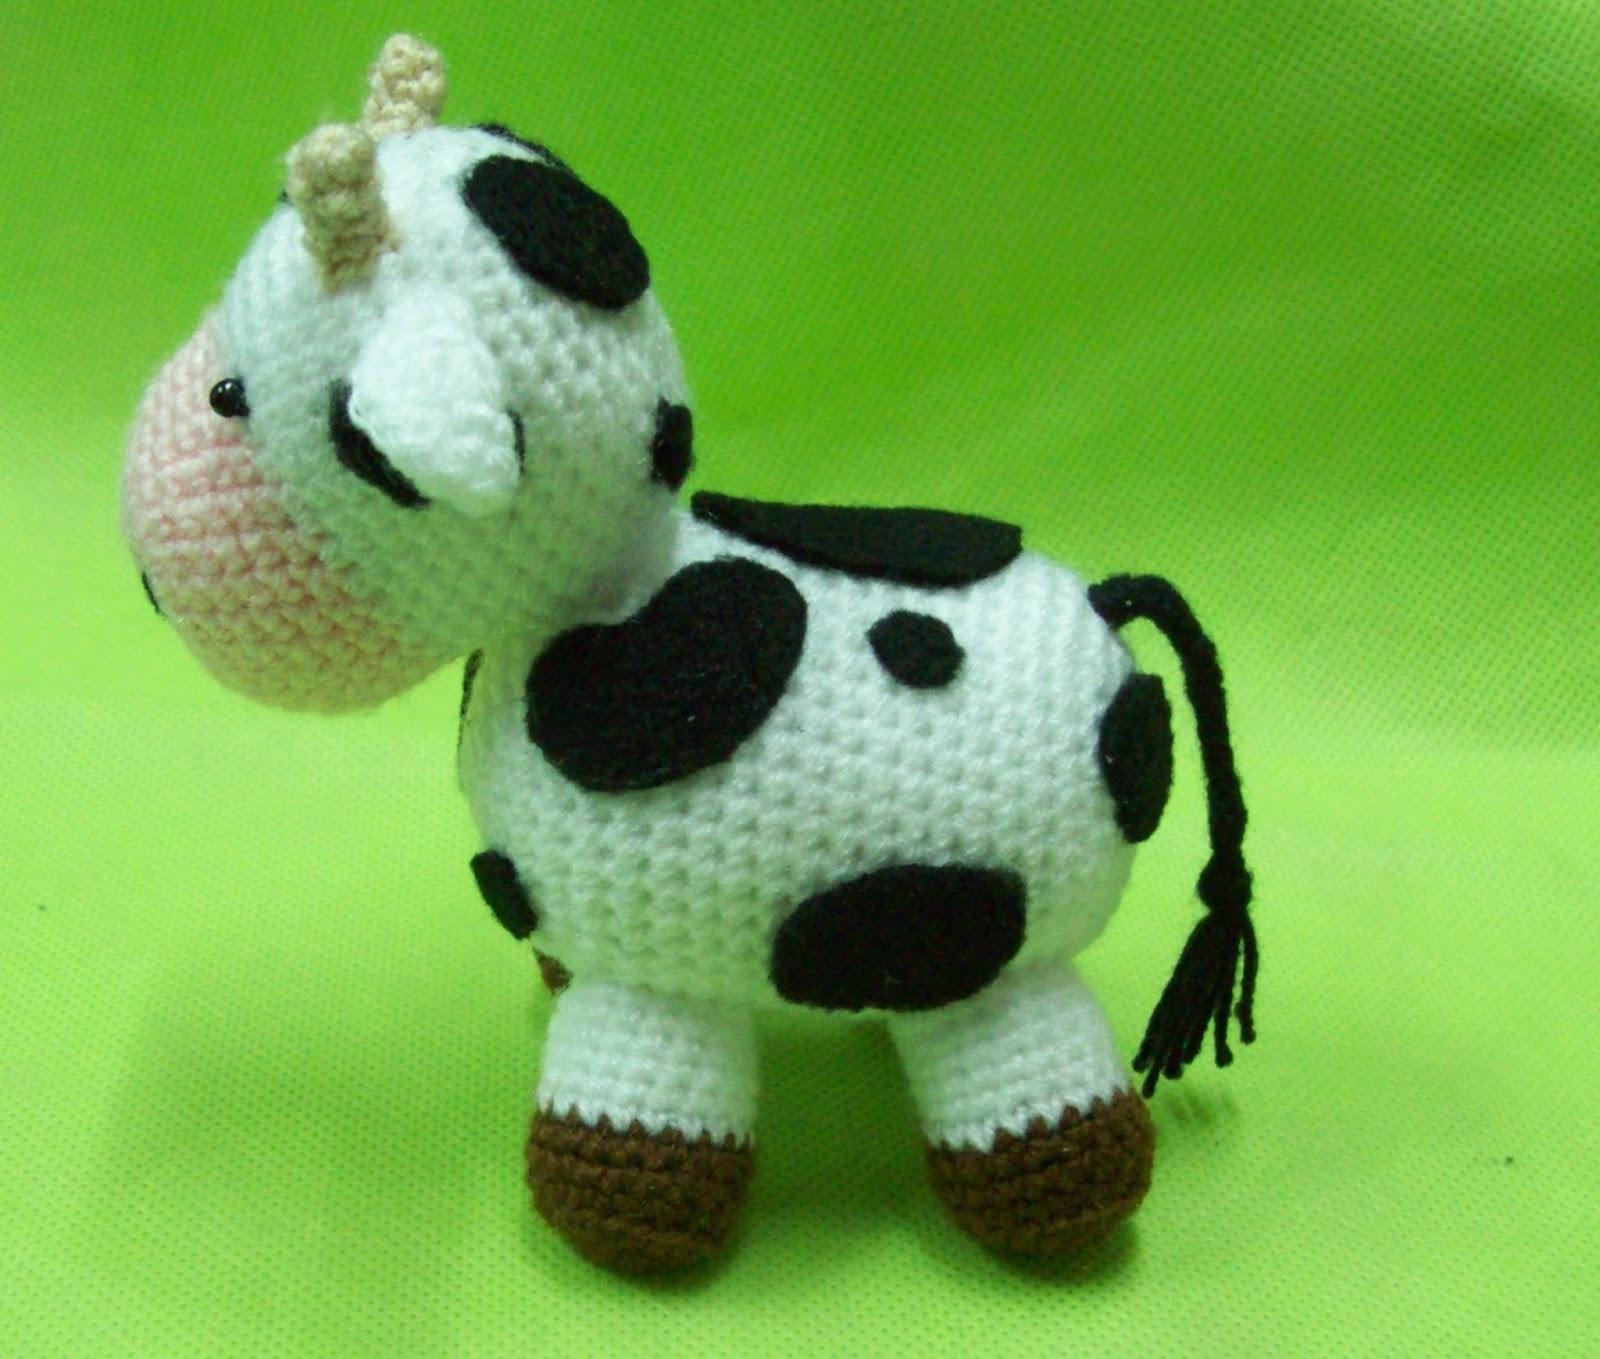 Consejos para hacer animales tejidos a crochet paso a paso | 1359x1600